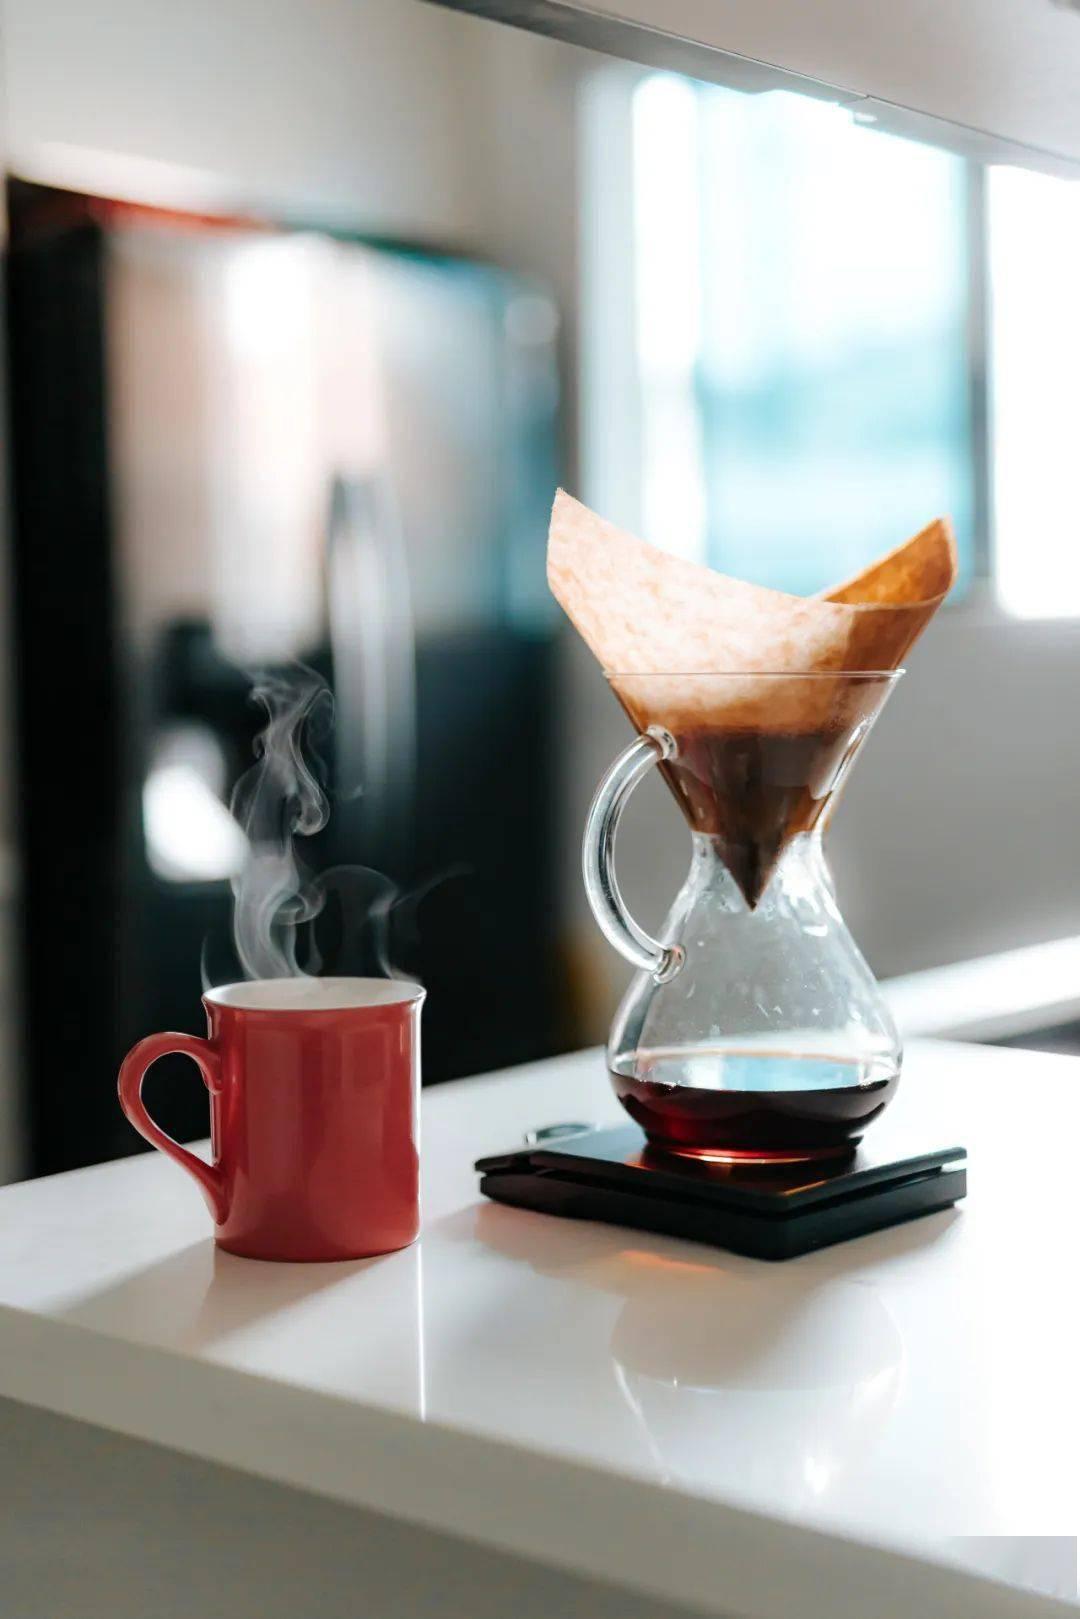 有个方法可以让咖啡喝起来变甜,你绝对想不到! 试用和测评 第3张